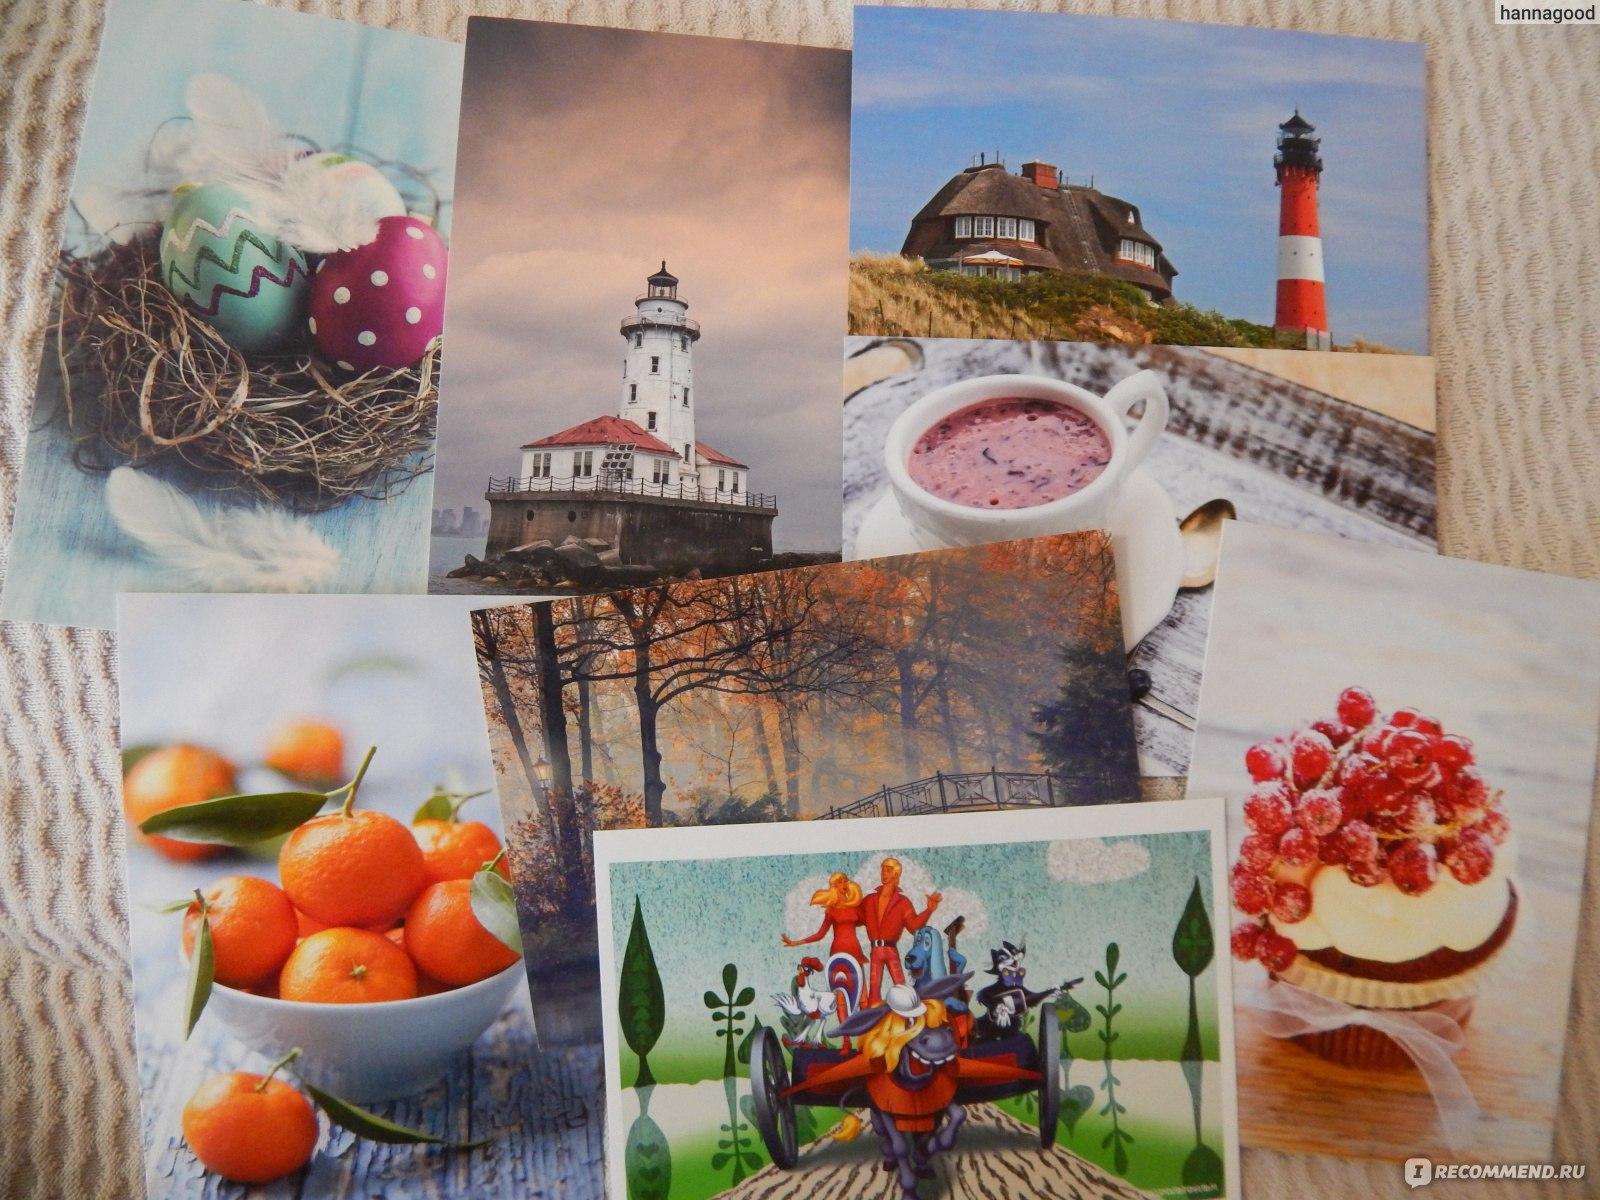 Мерцающая марте, открытки постмания